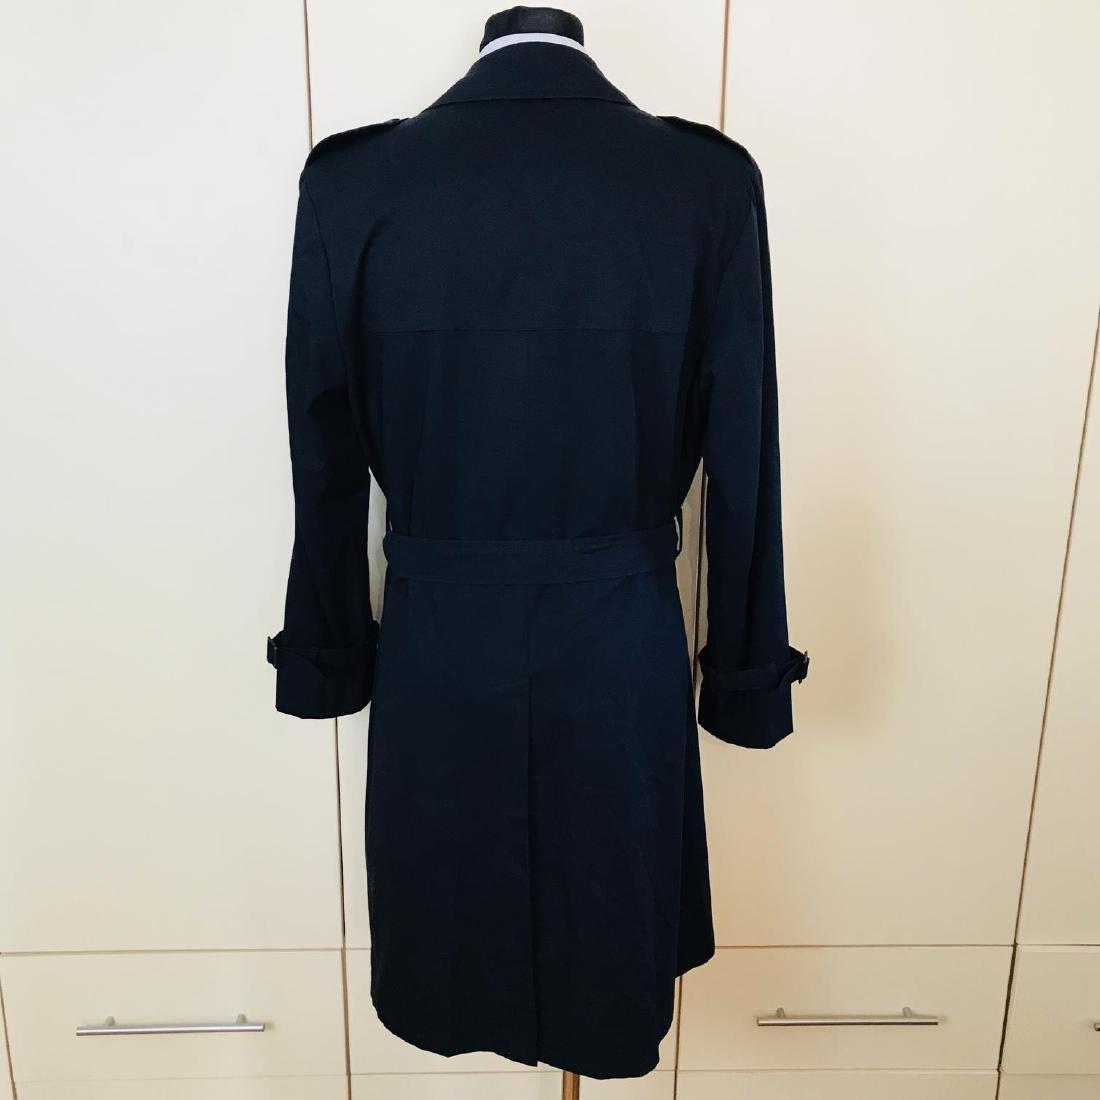 Vintage Men's Navy Blue Trench Coat Size US 42 / EUR 52 - 4